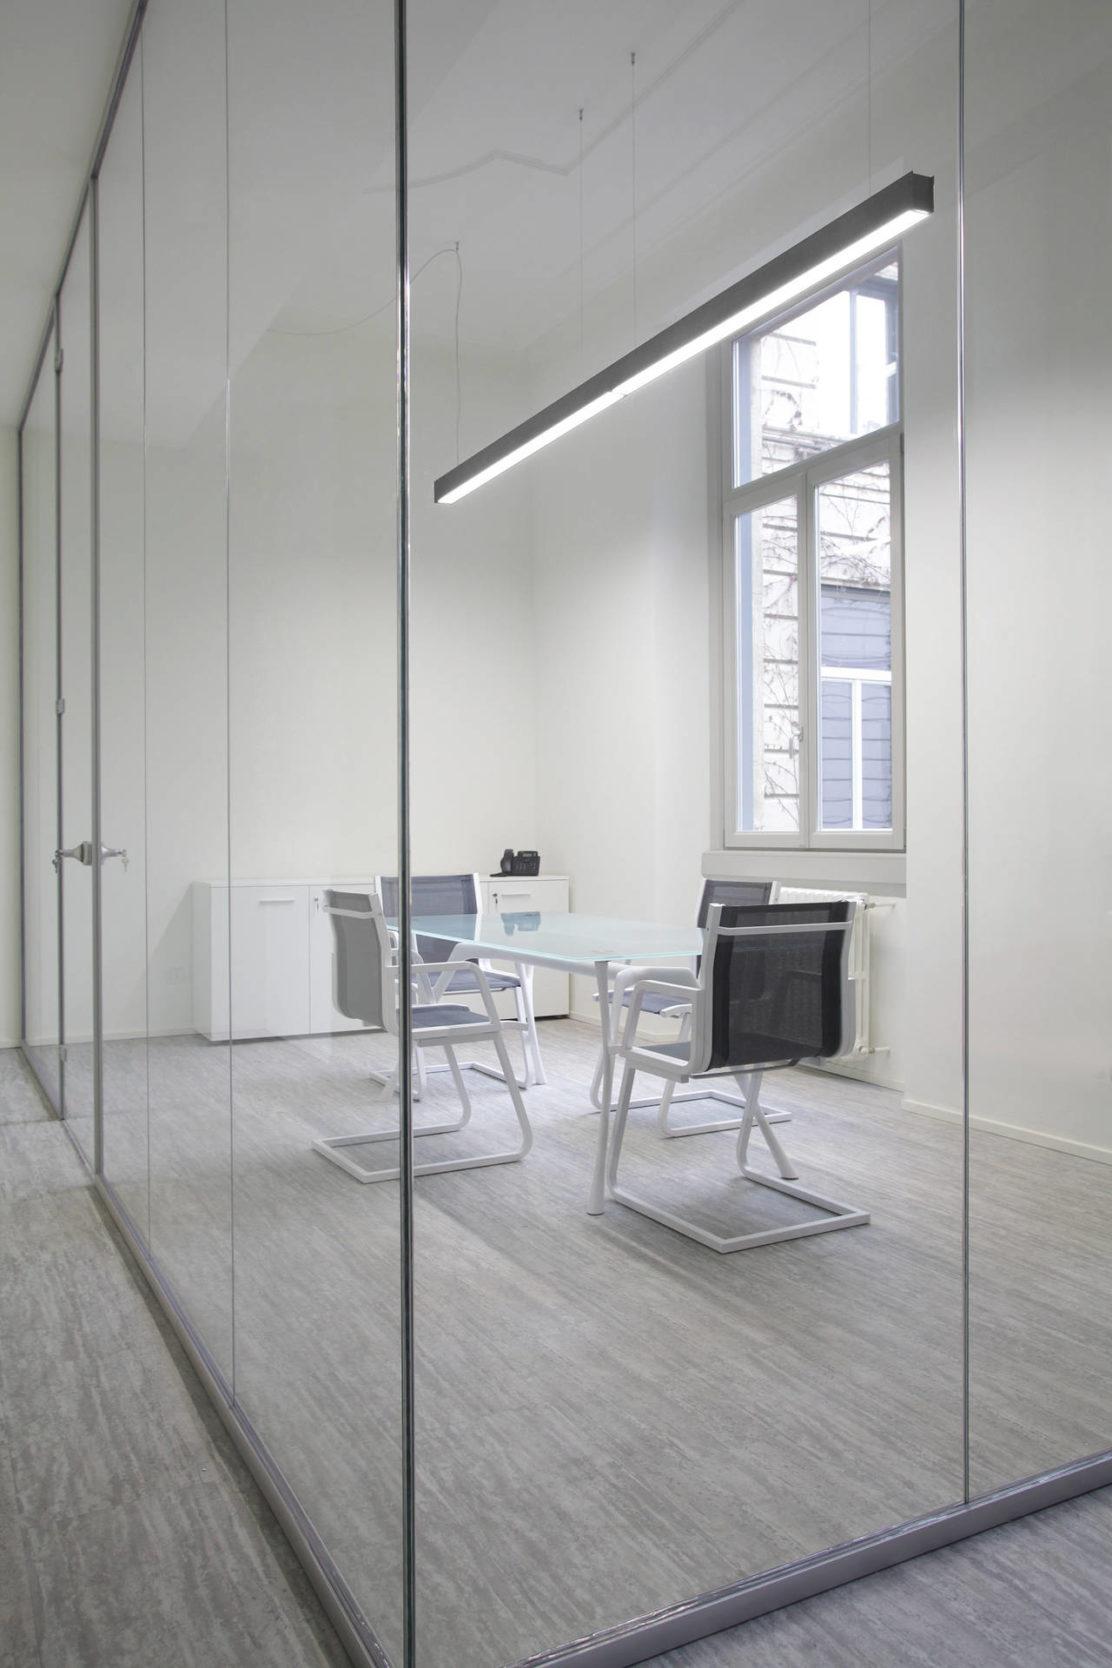 Rossini illuminazione per gli uffici della metro 4 di milano for Uffici condivisione milano